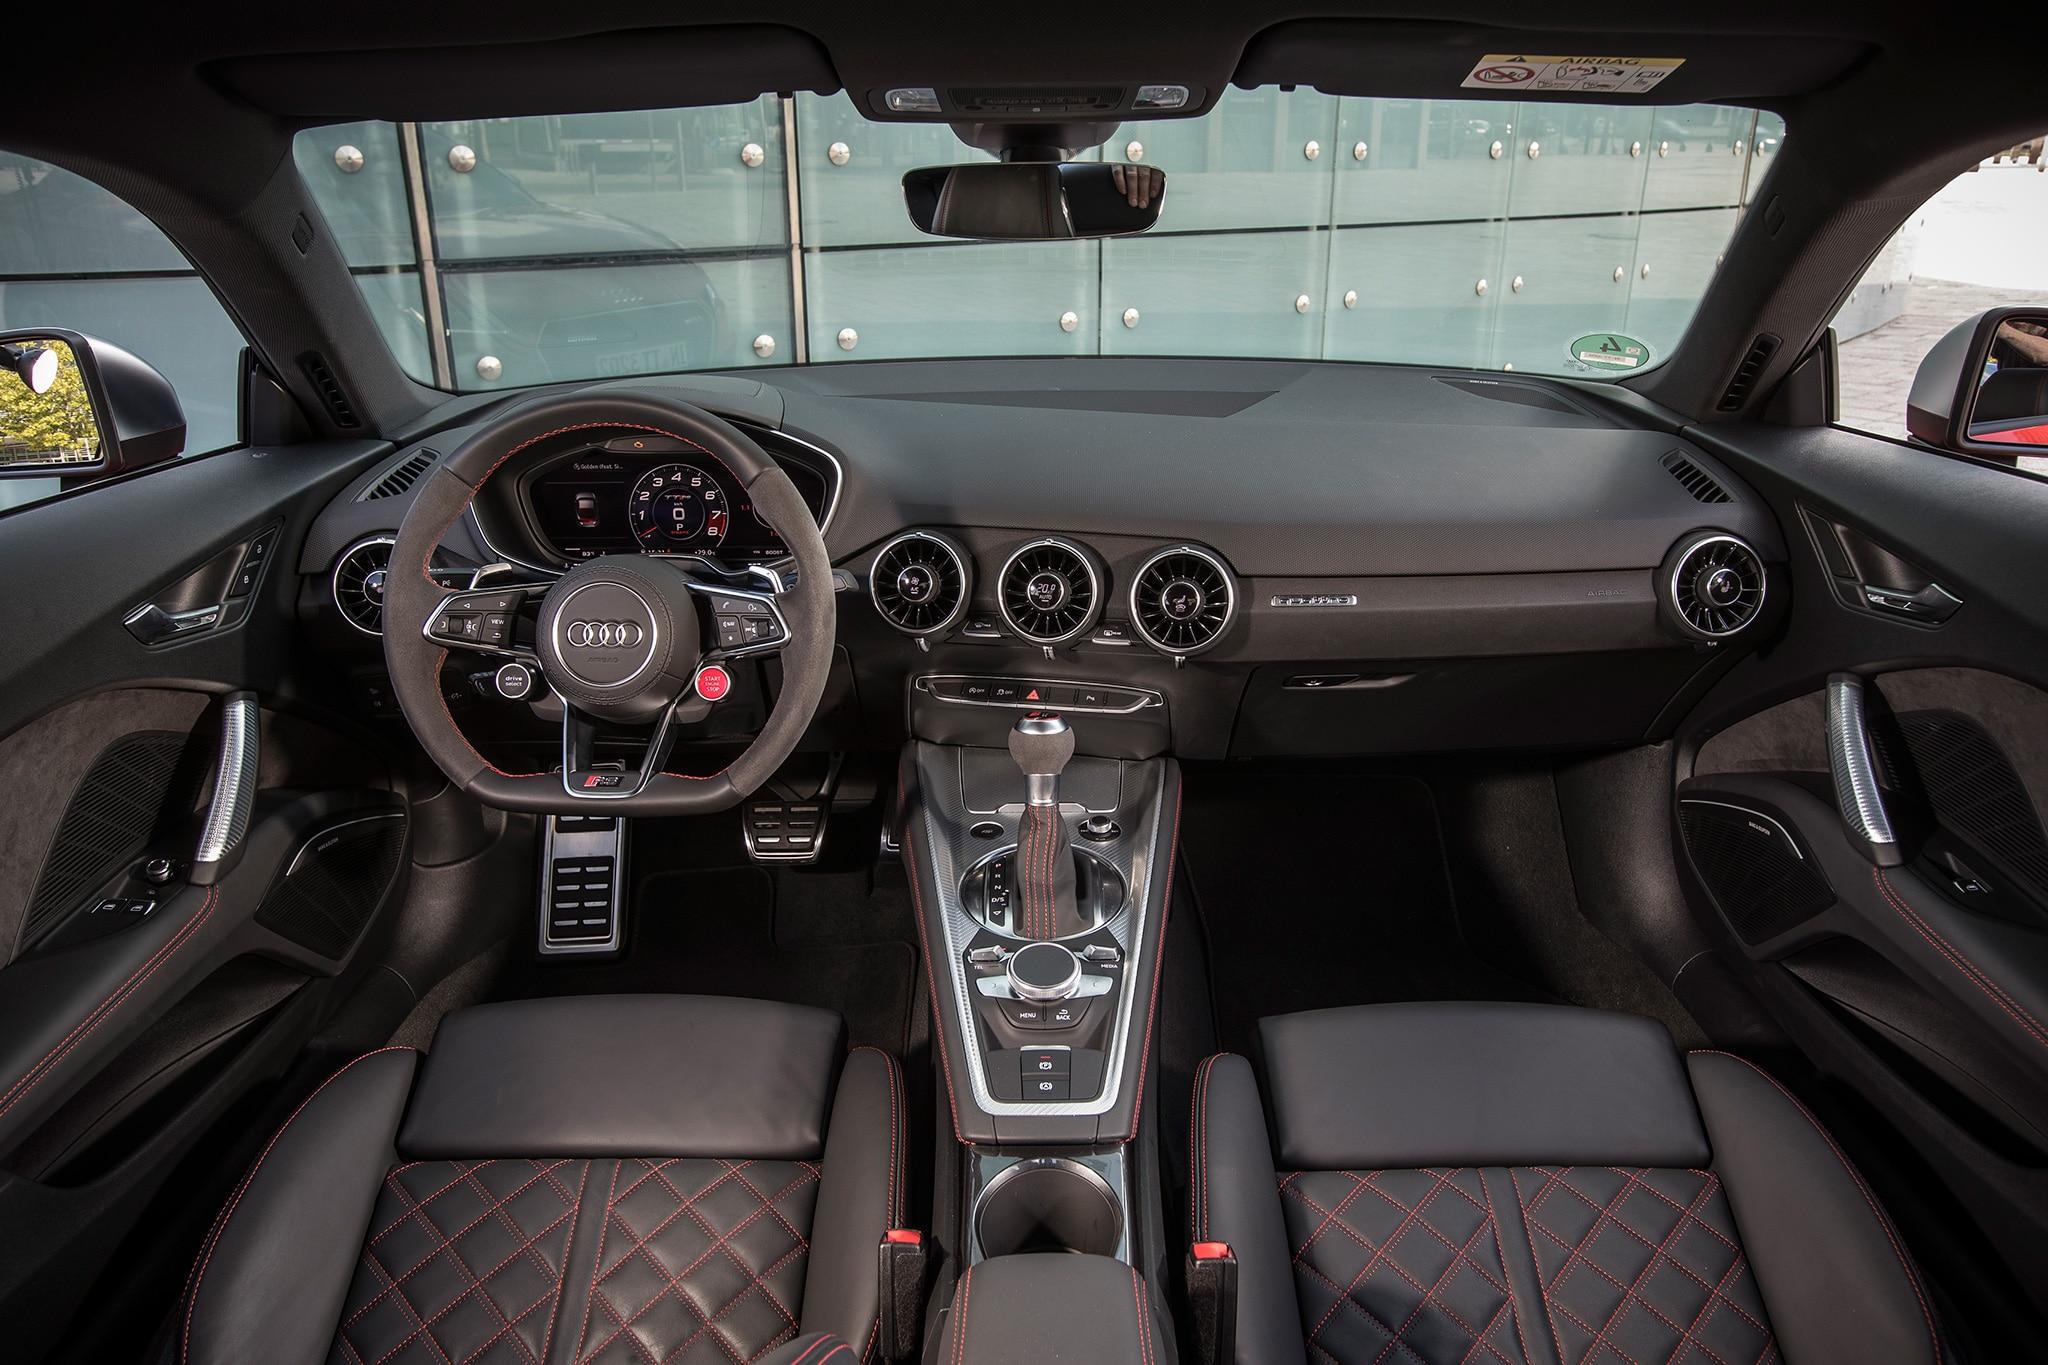 2018 Audi TT RS Cabin 02